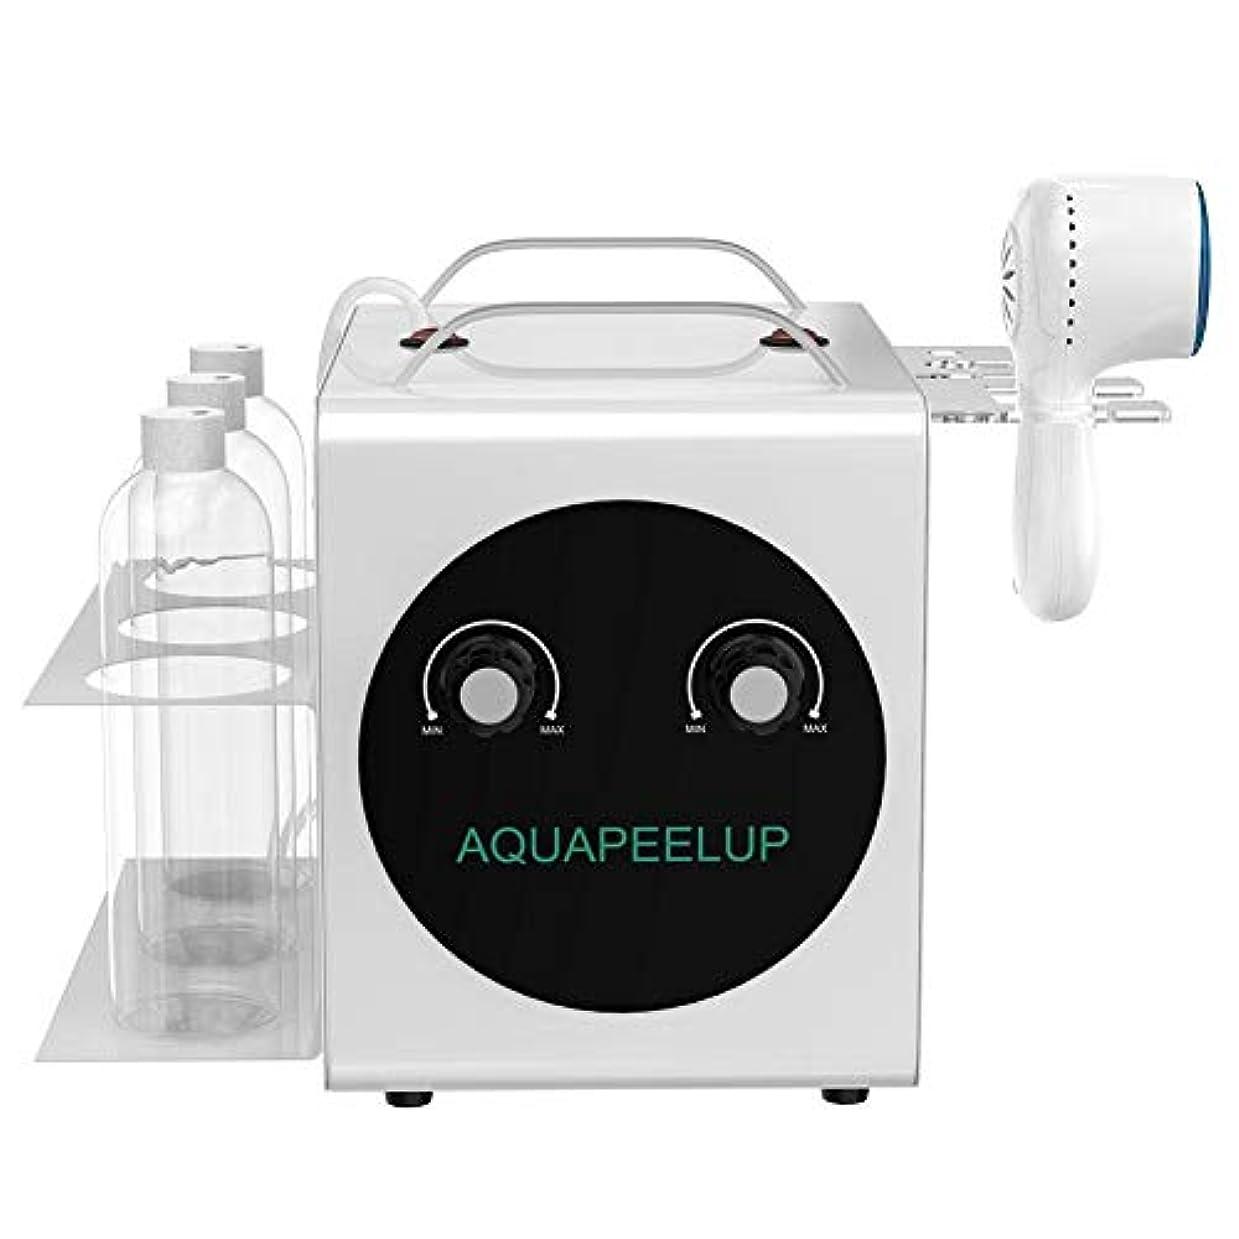 注入する怠けた本質的に酸素注入機、効果的に深い気泡と滑らかなしわ、白くなり柔らかい毛穴の洗浄機(US-PLUG)